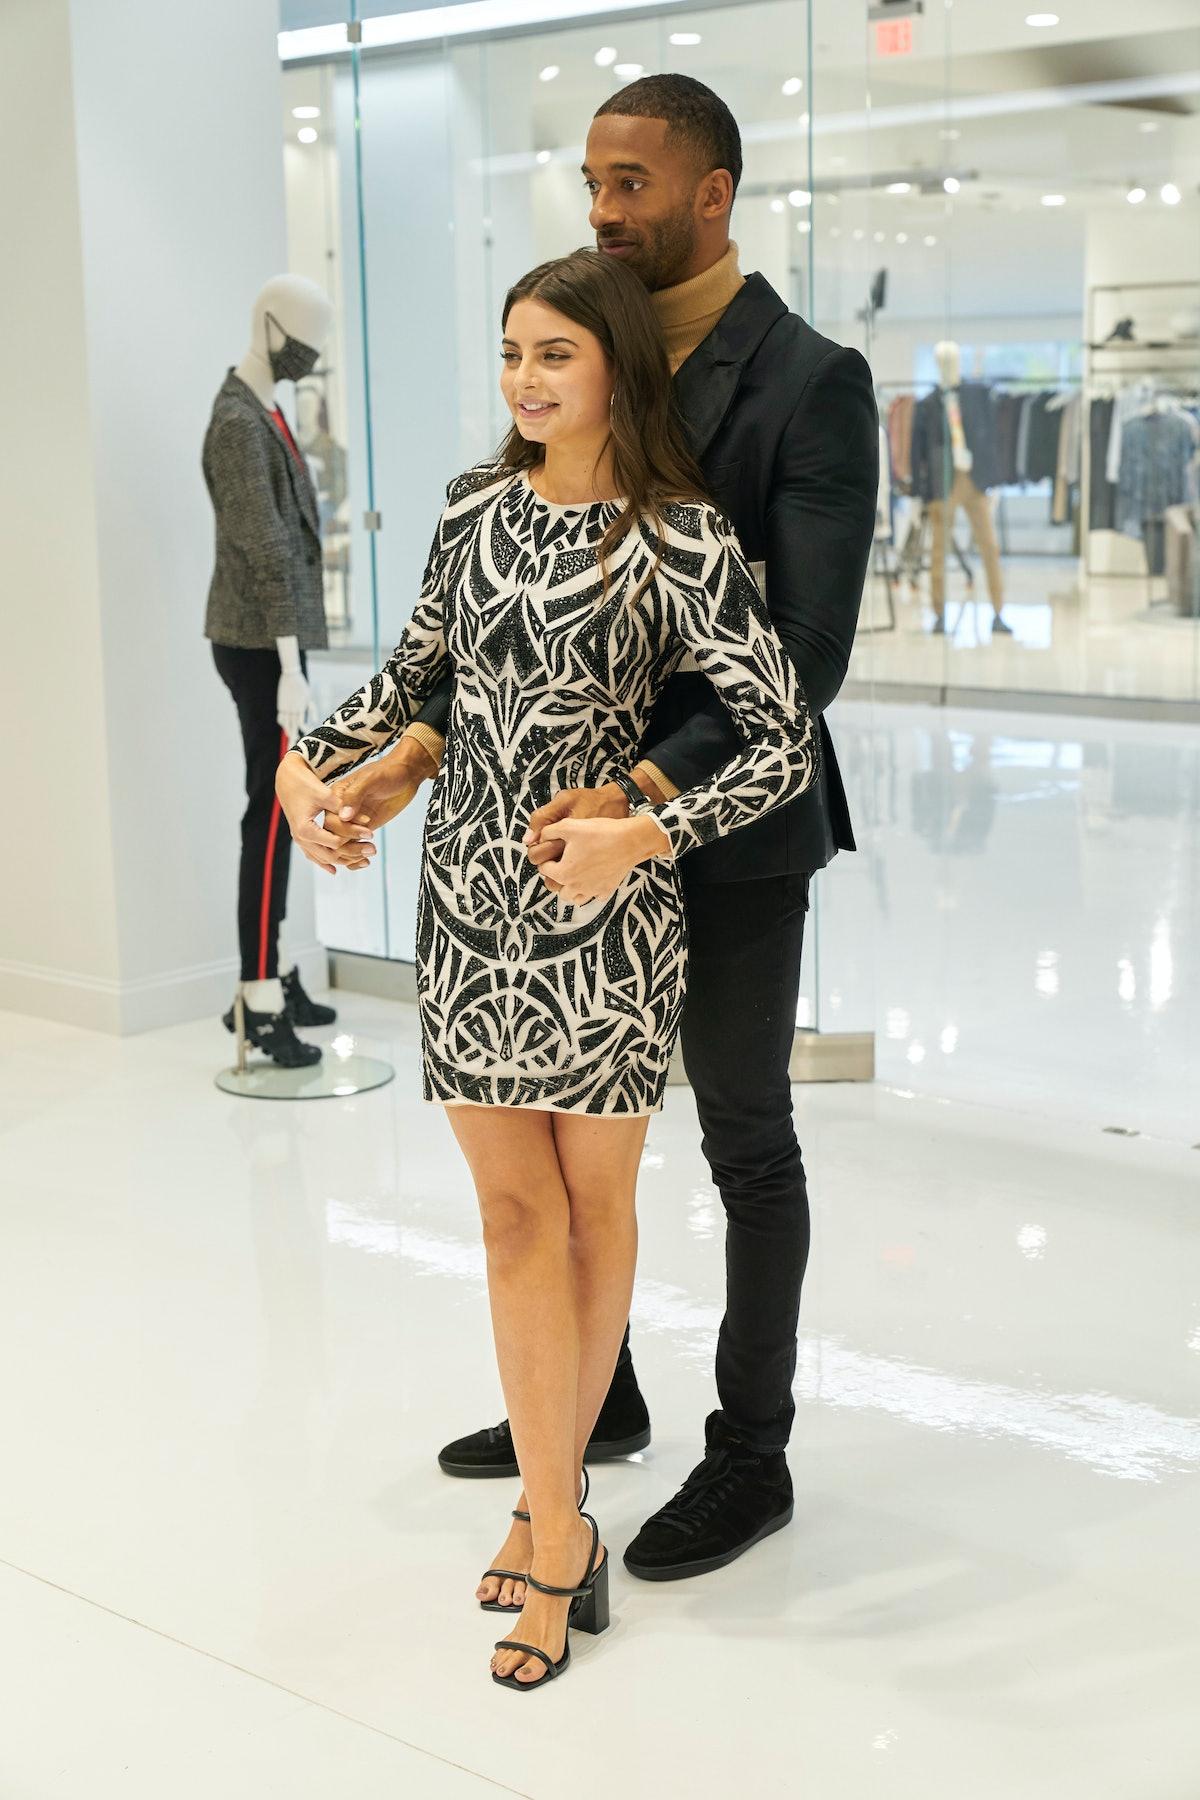 Matt James and Rachael Kirkconnell in 'The Bachelor.'